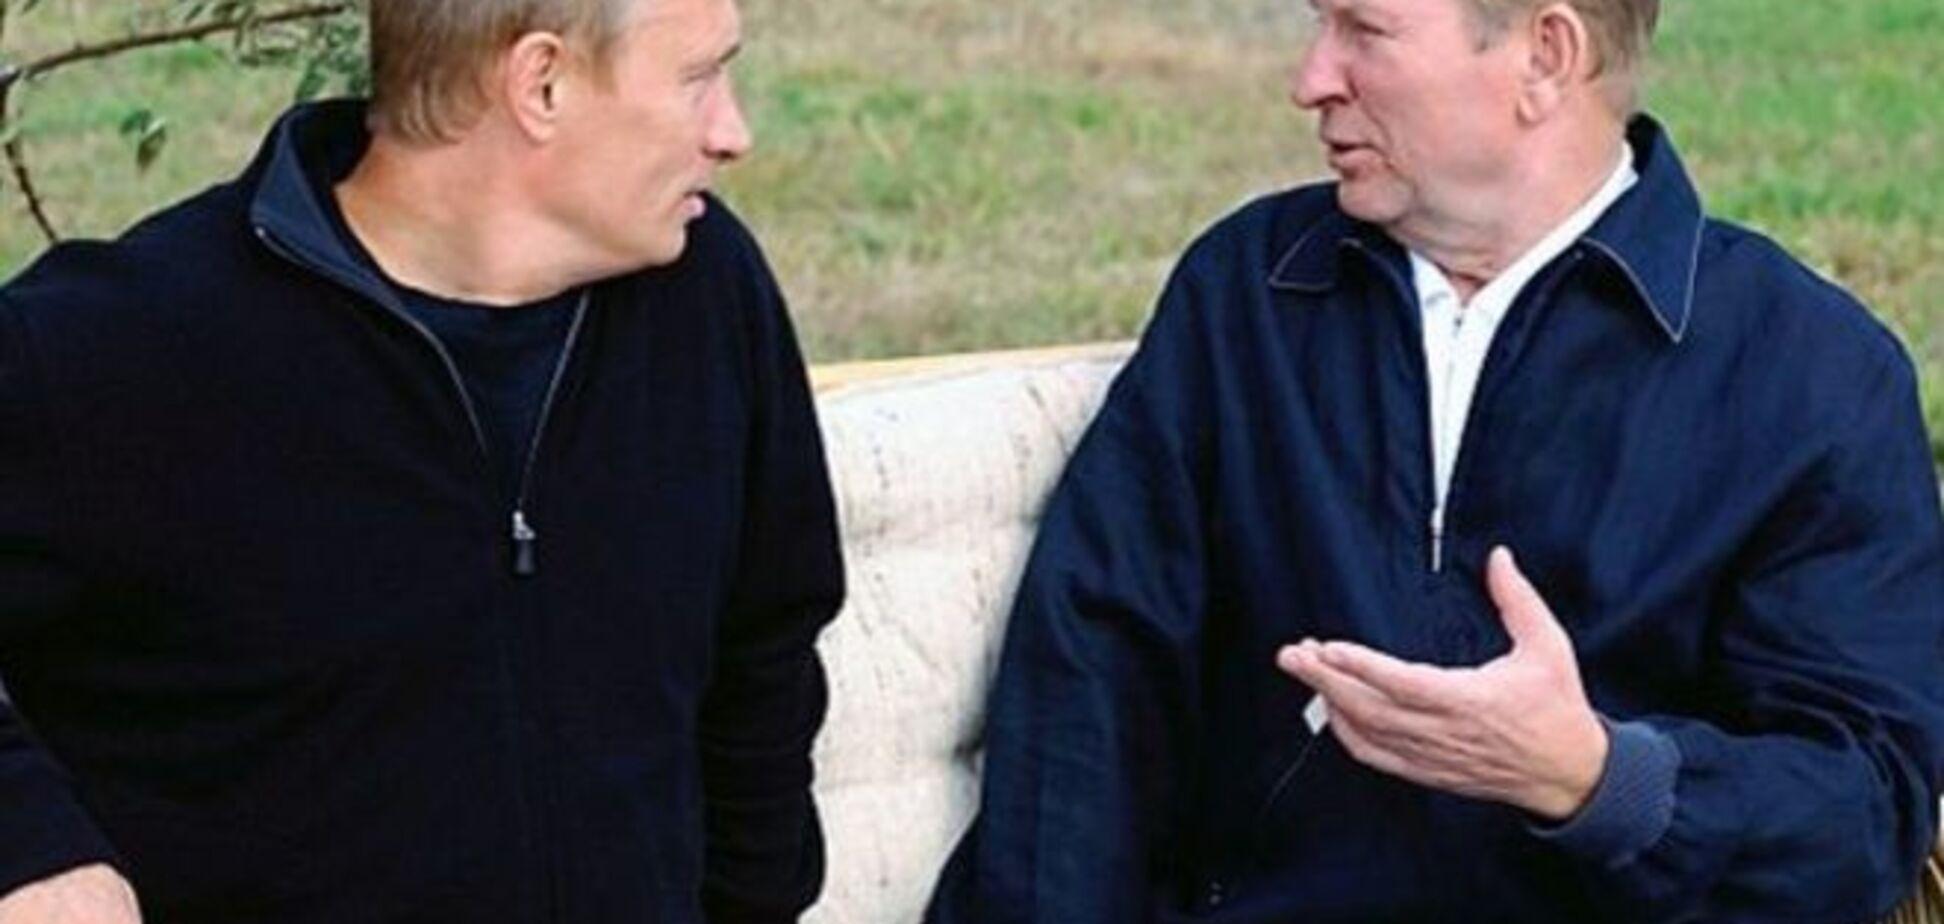 Справа Литвиненка: про причетність Путіна до наркоторгівлі відомо з доповіді СБУ Кучмі